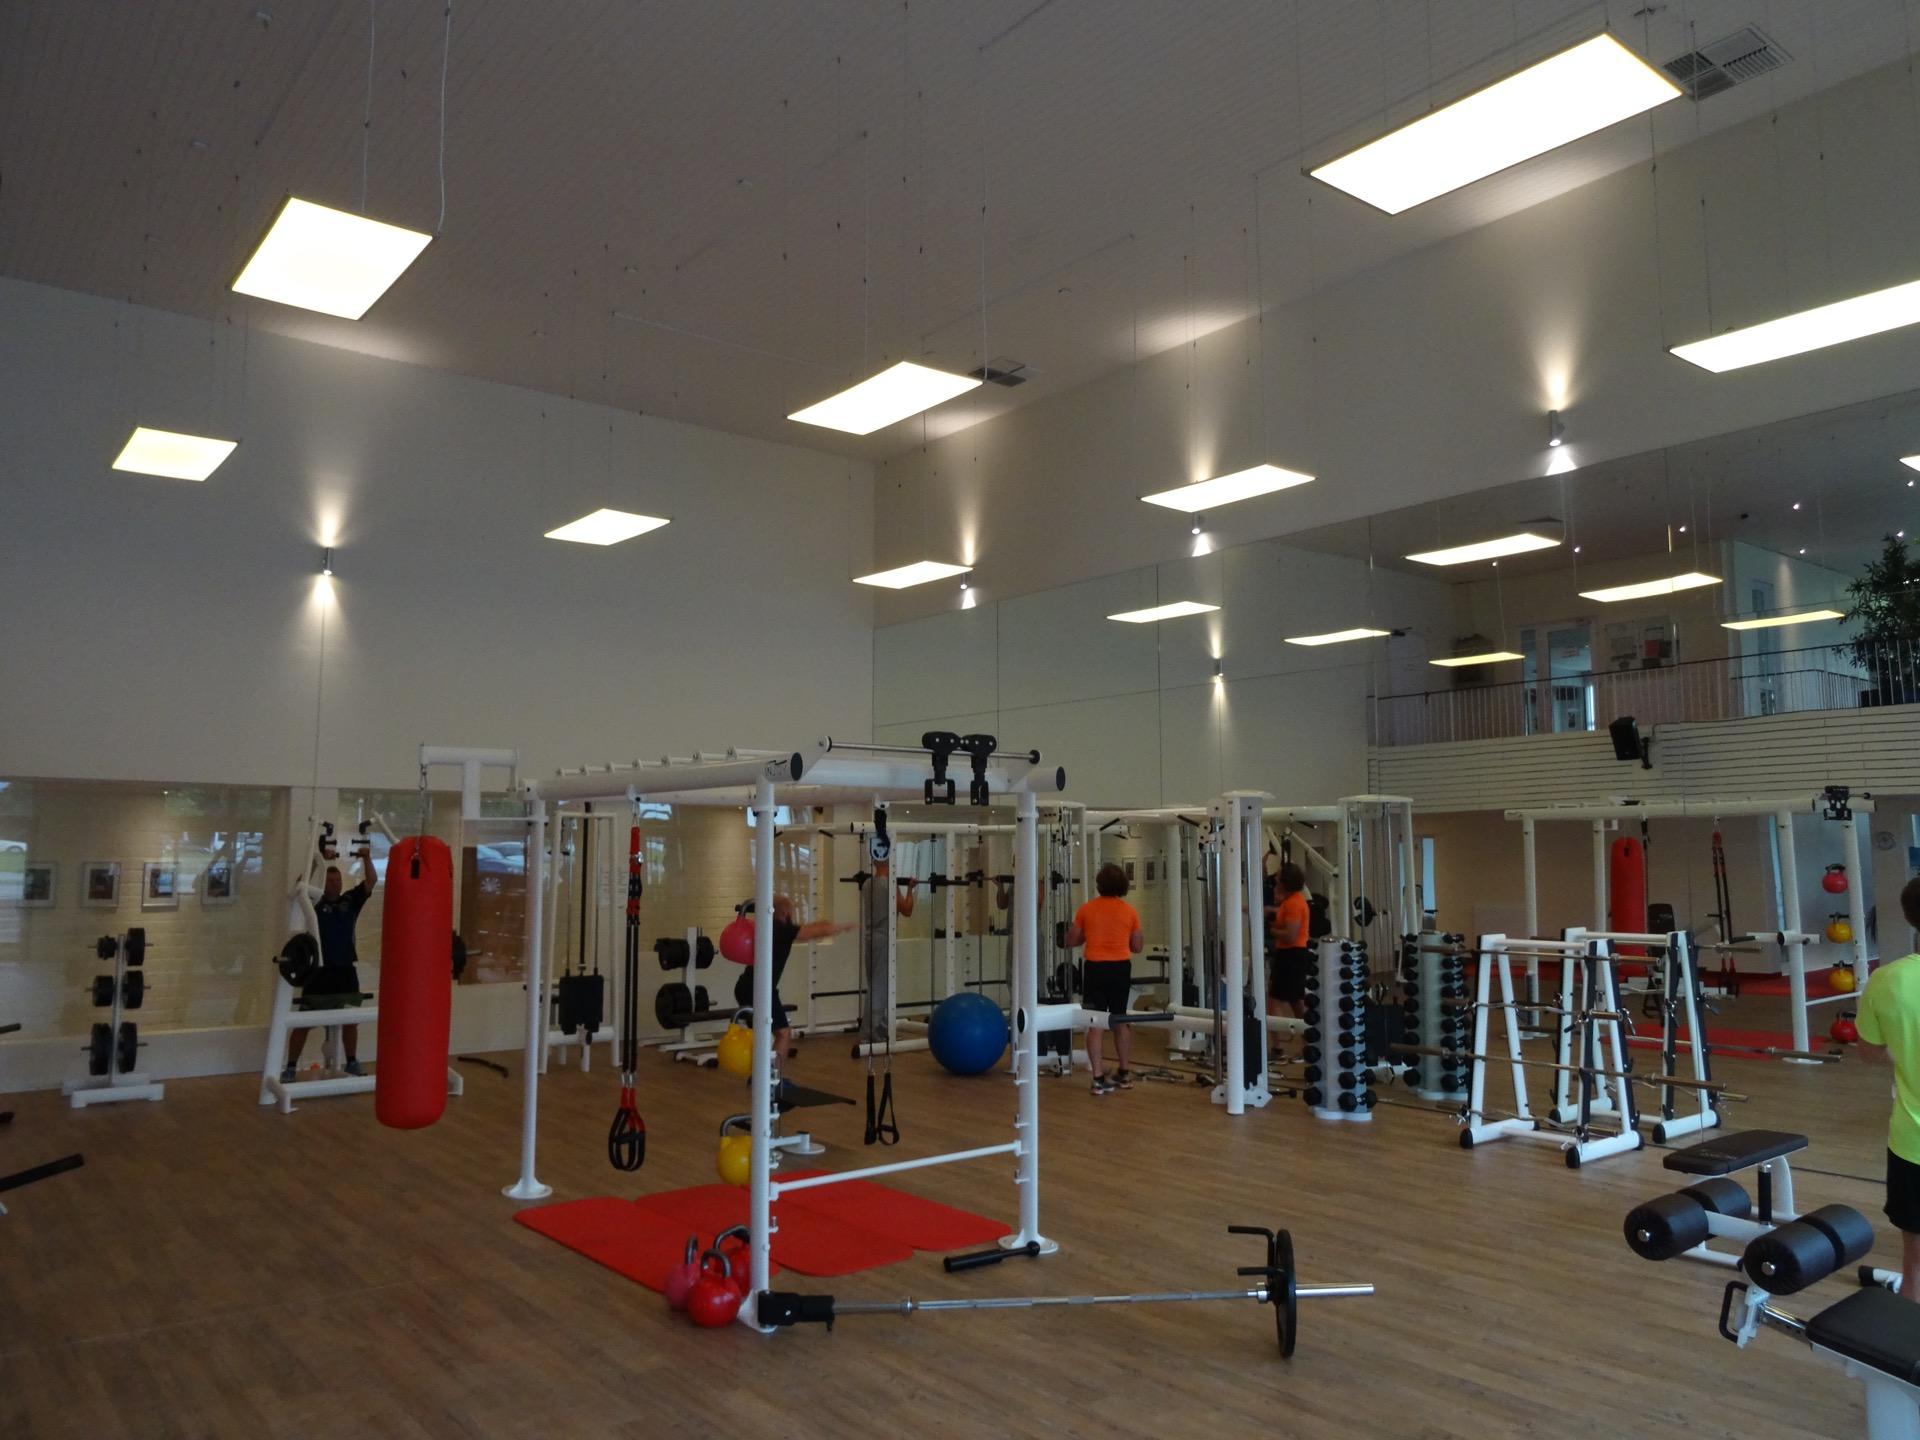 Fitnessraum Schalker Sportpark, Gelsenkirchen – Ledlight Solutions